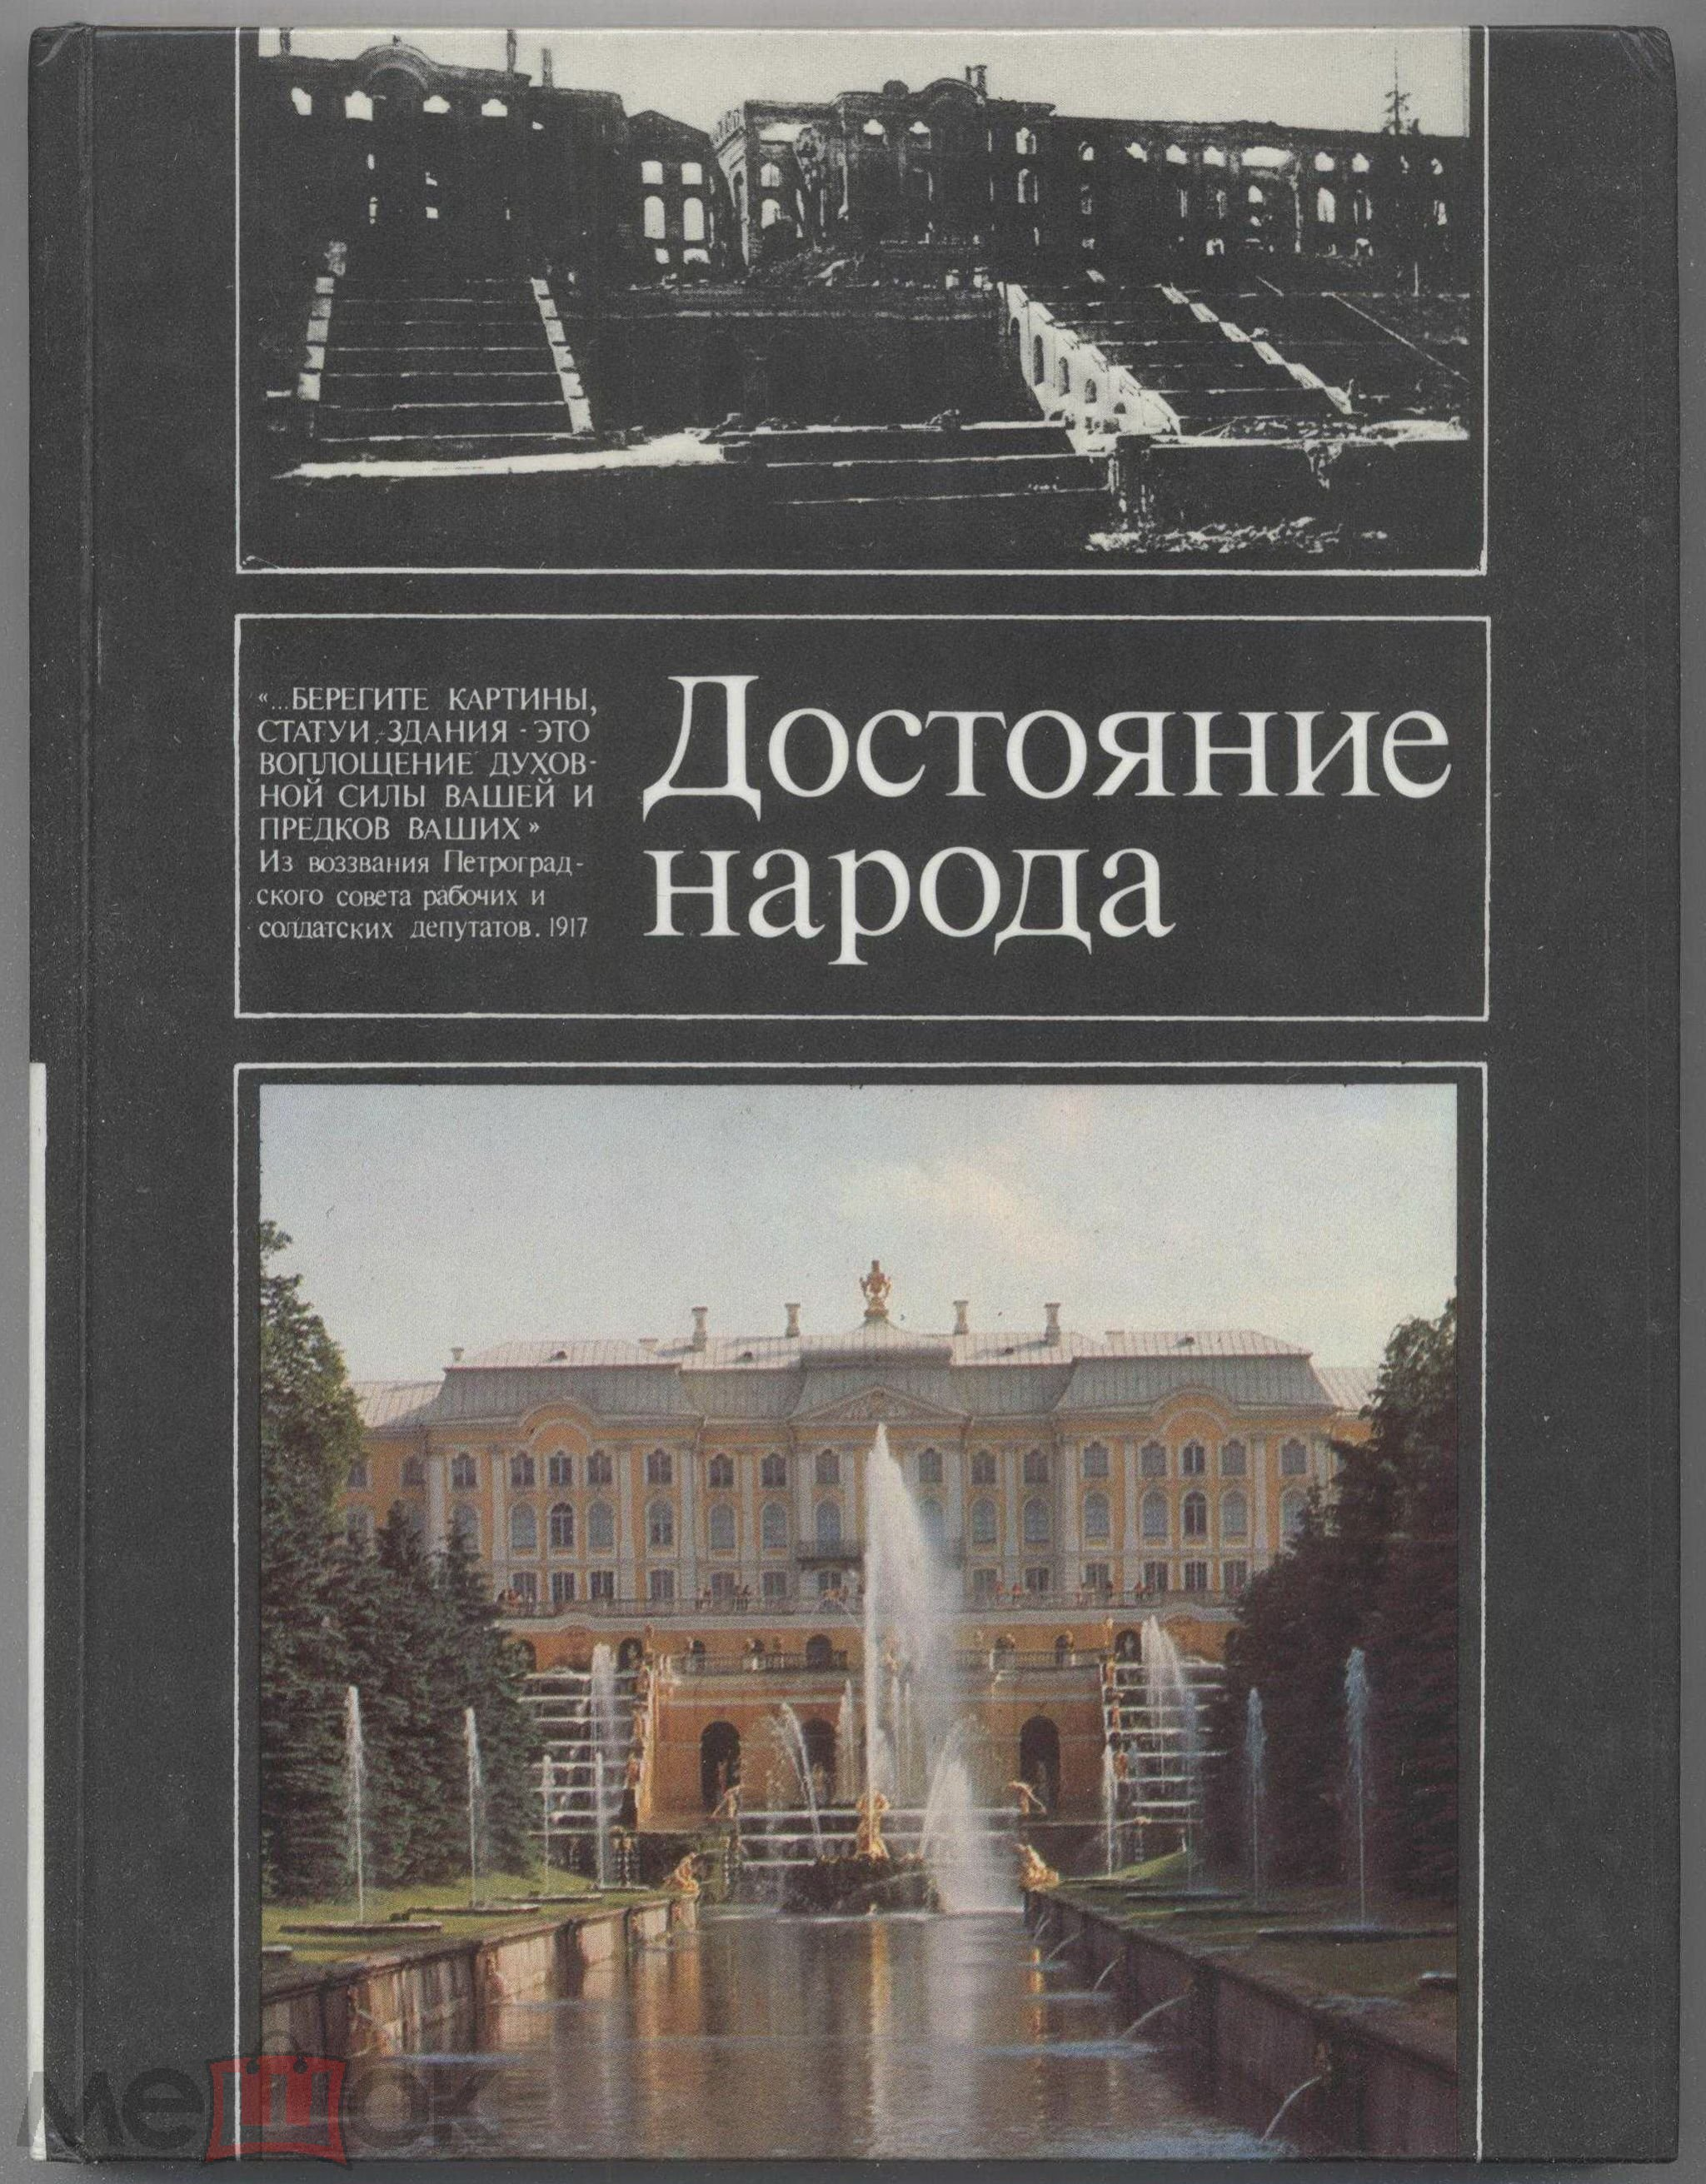 Бычков Ю.А., Вятич-Бережных А.Д. - Достояние народа. Фотокнига (1988)